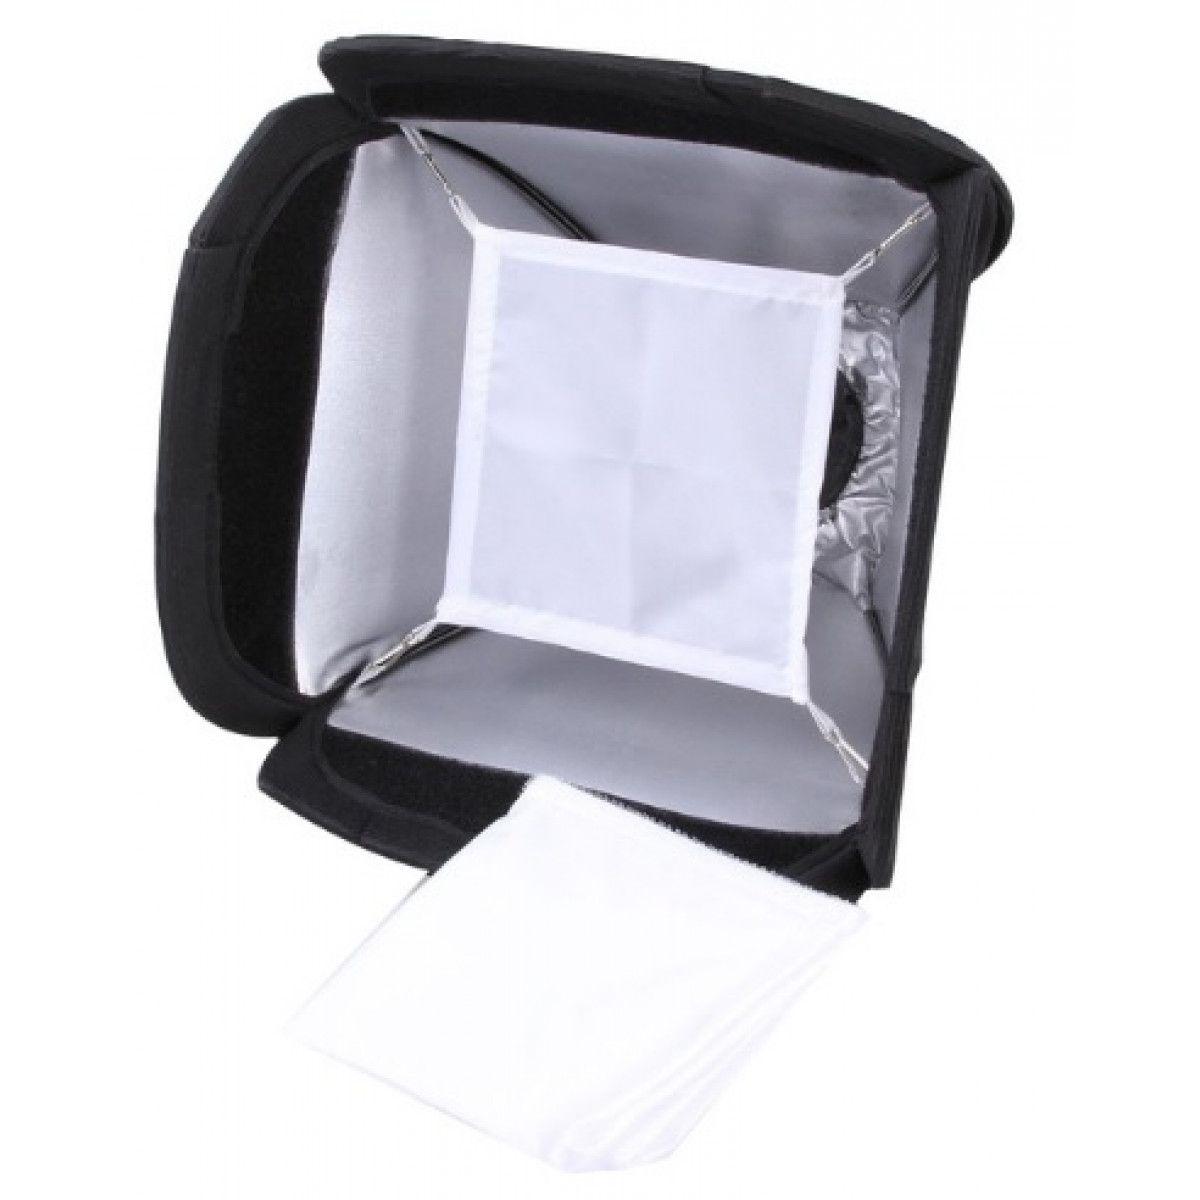 Softbox 23 x 23cm Universal Portátil para Flash Mini em Tecido + Bolsa p/ transporte